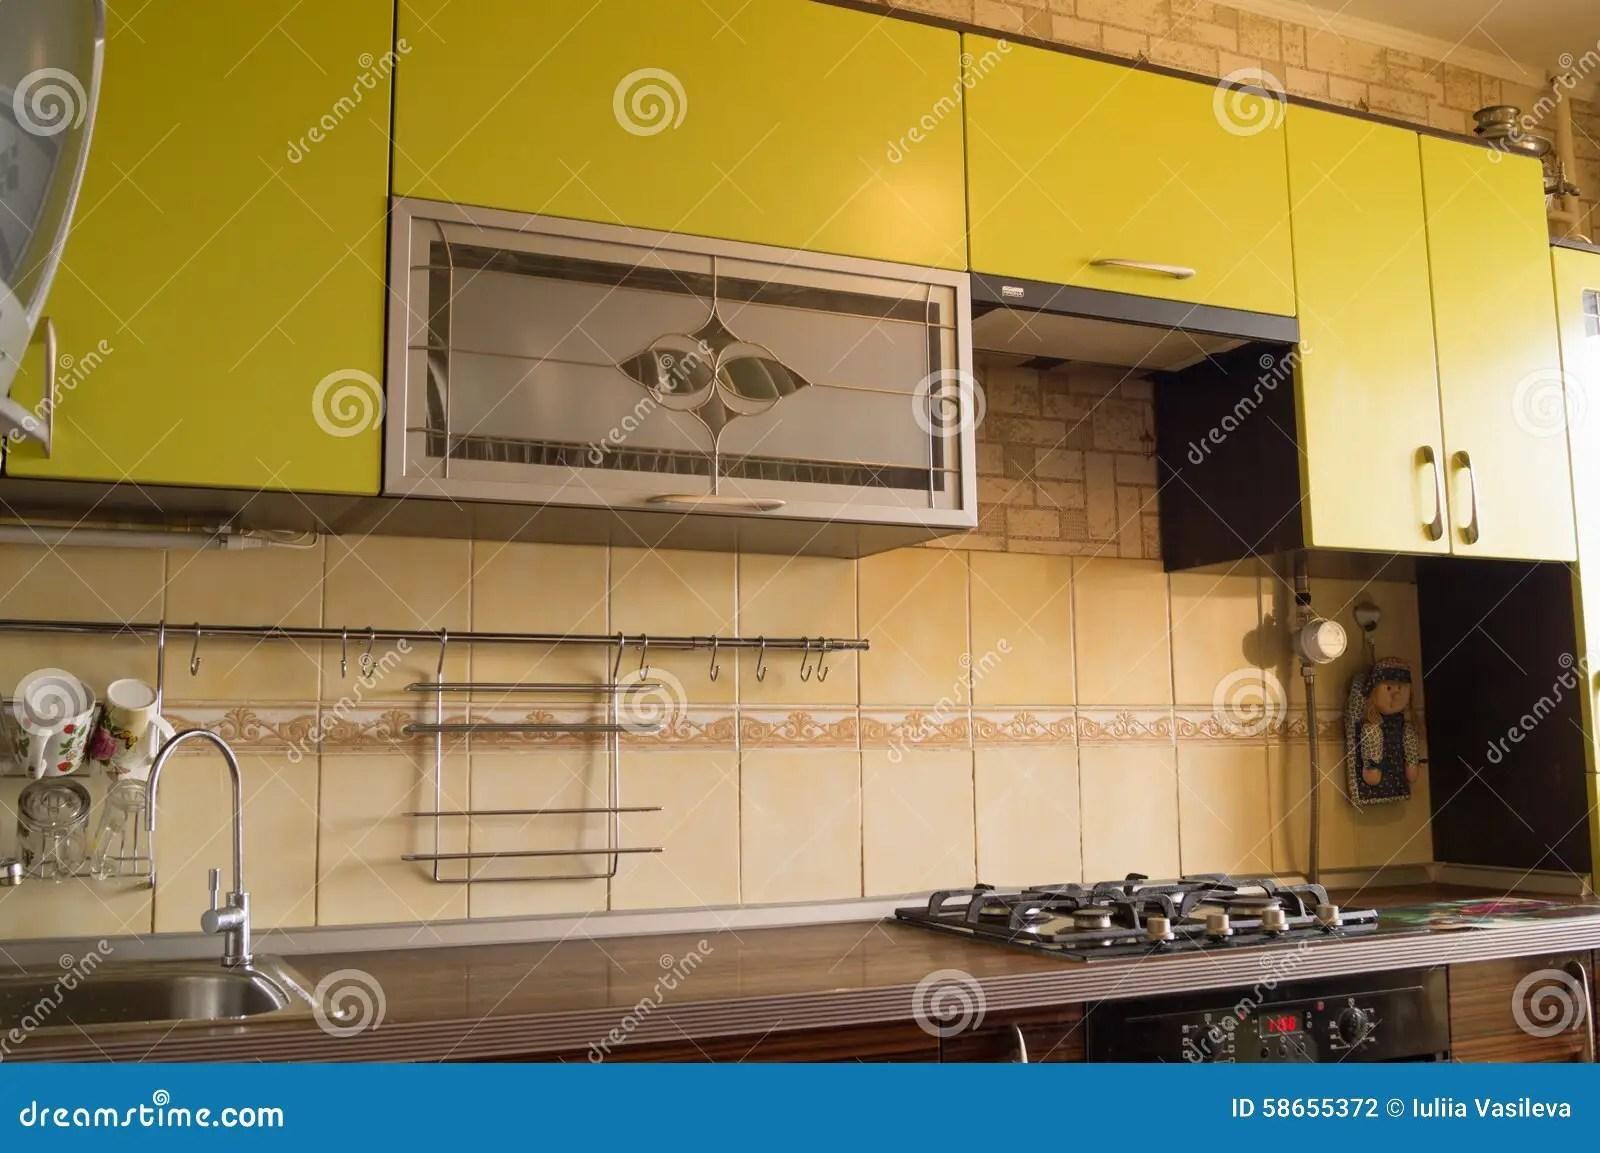 trendy kitchen design stock photo image trendy kitchen designs trend home design decor